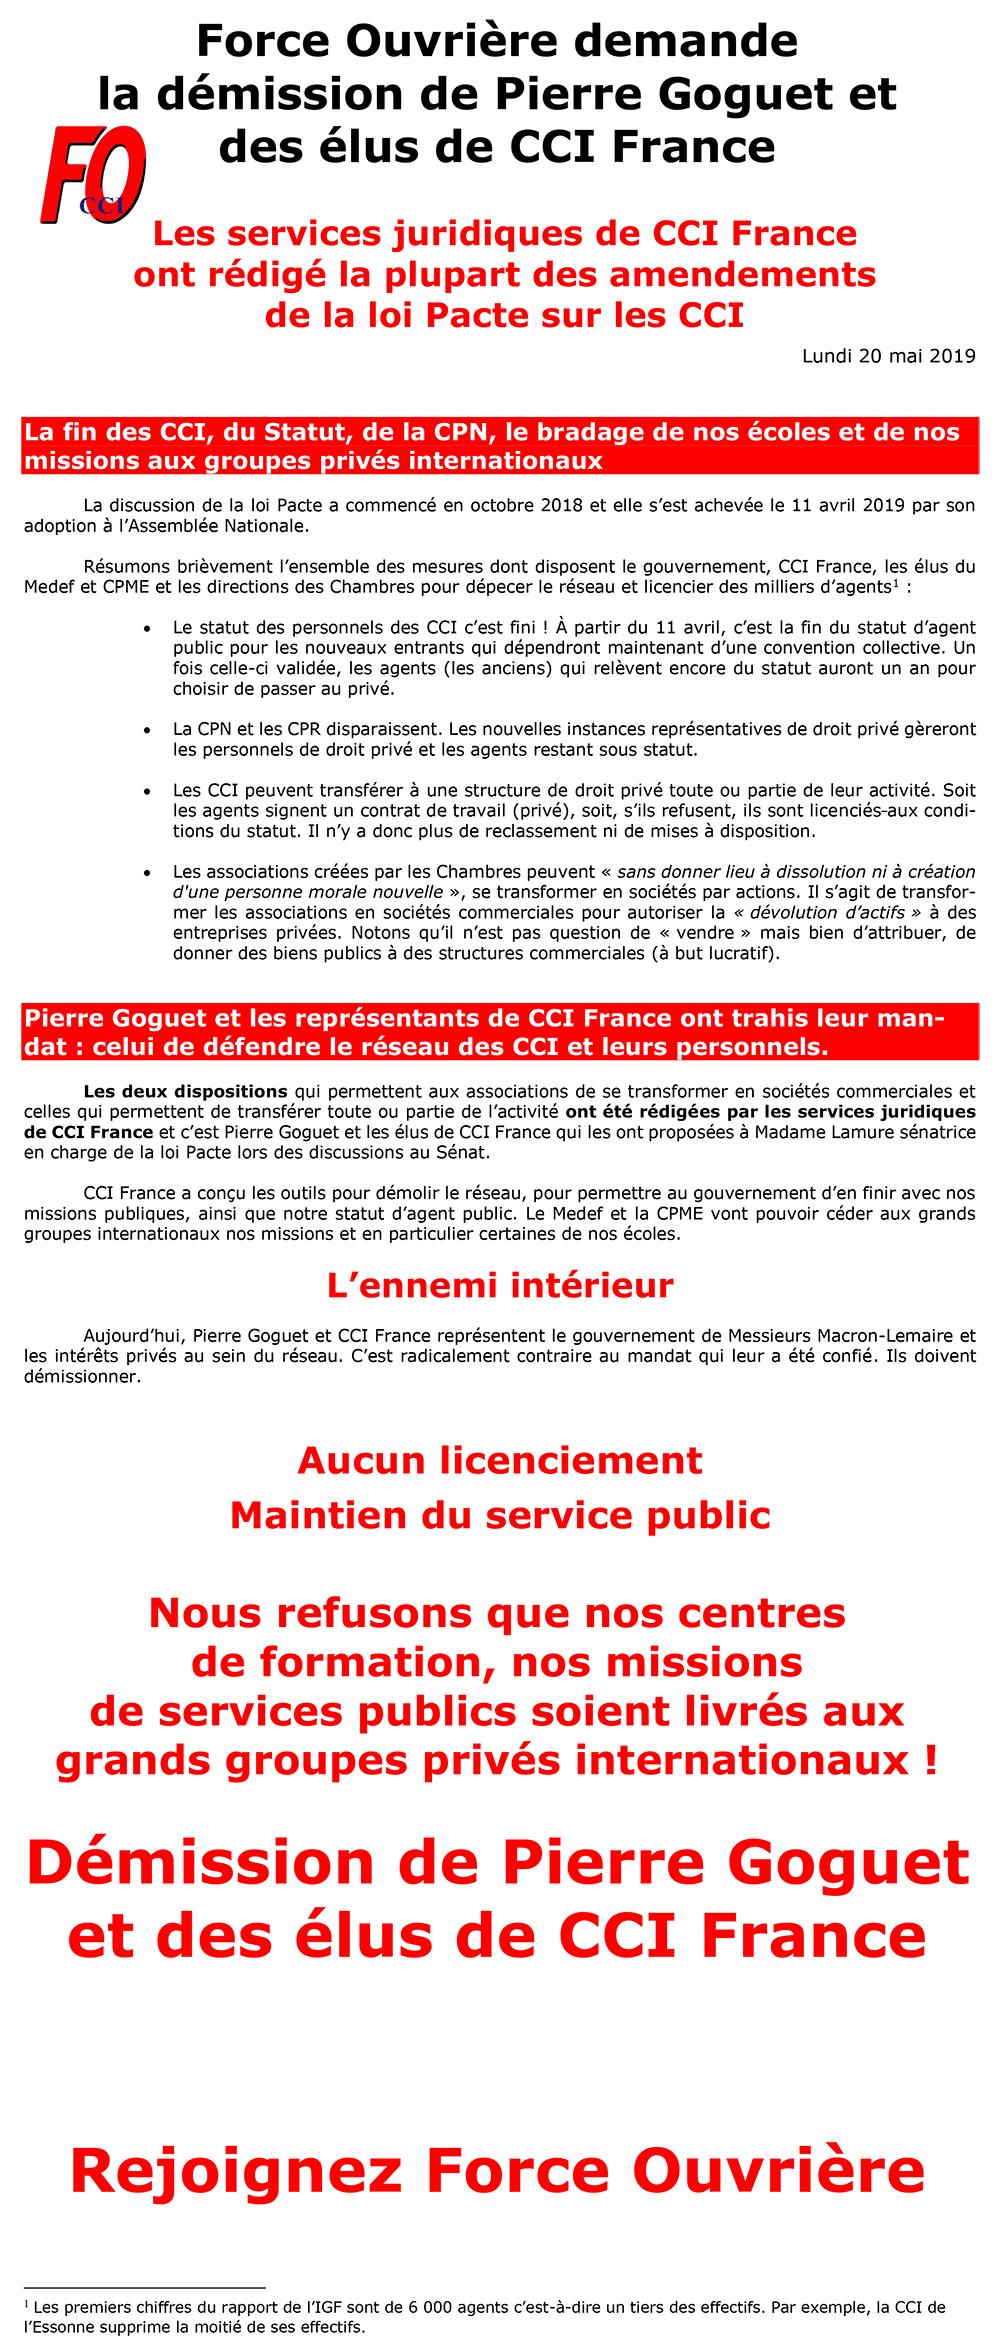 Démission de Pierre Goguet et des élus de CCI France !